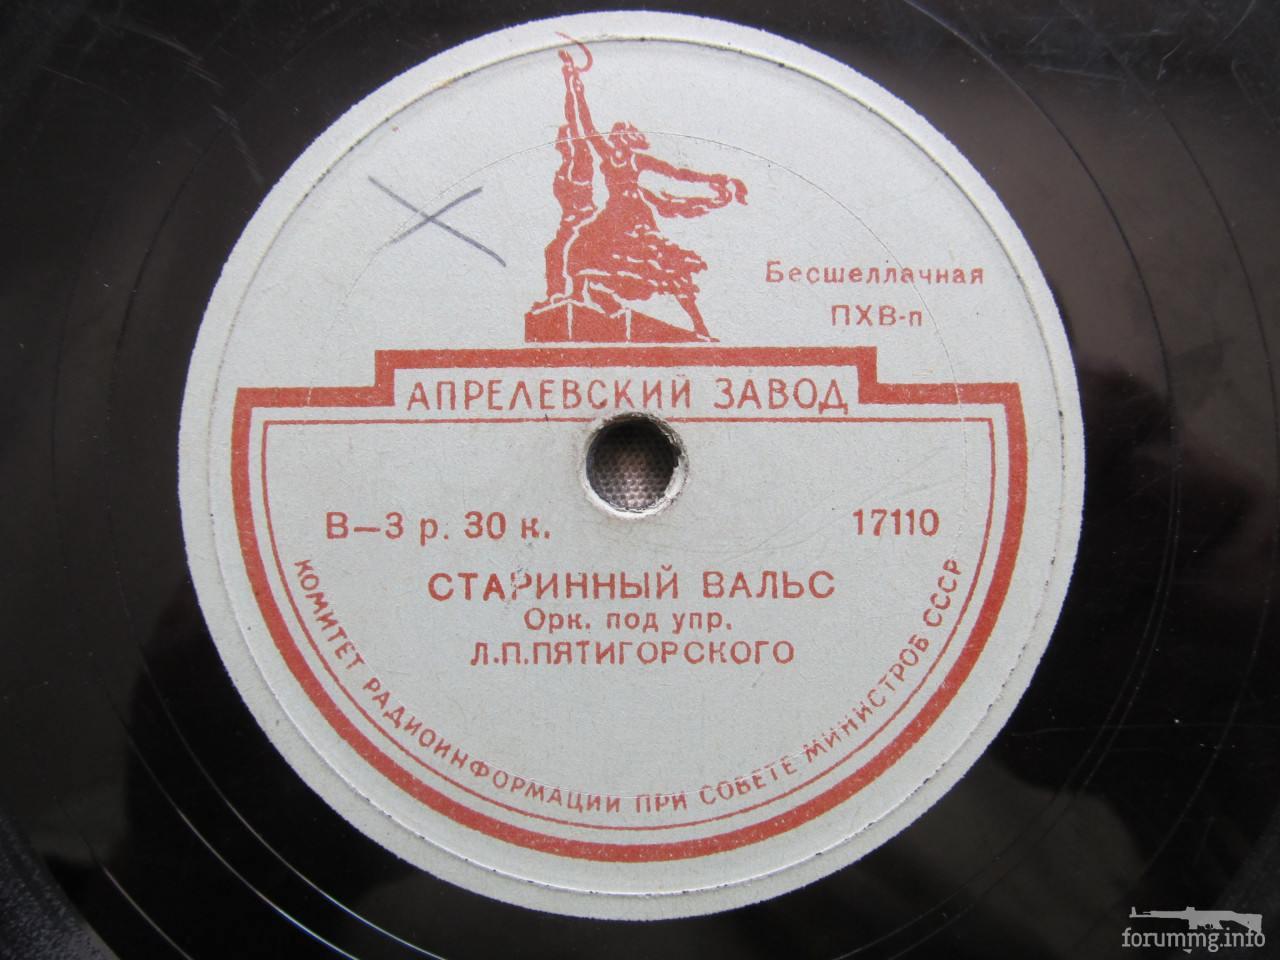 138256 - Міні-колекція патефонних пластів